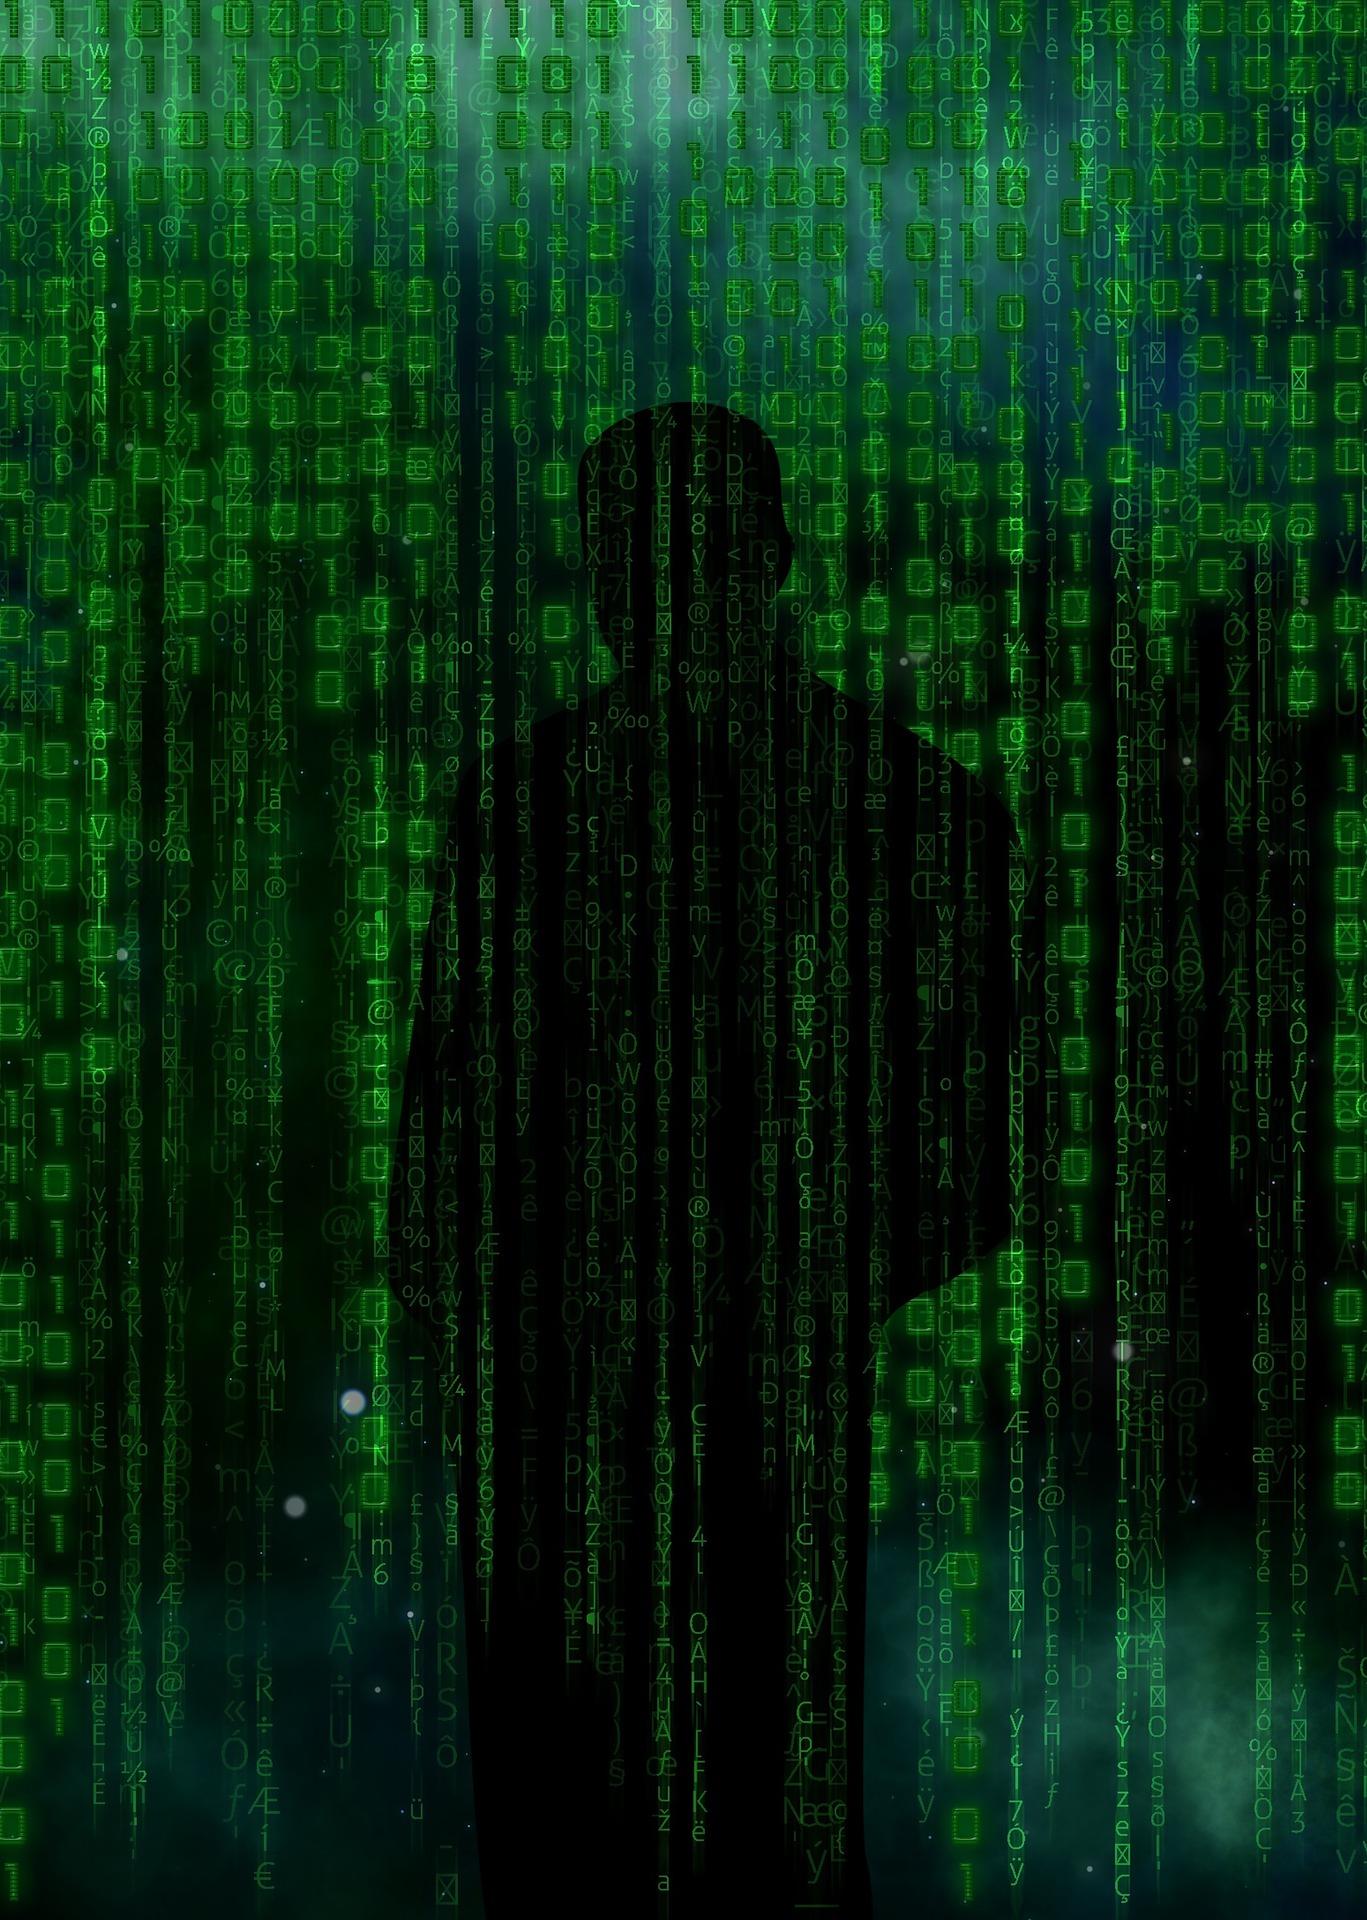 Oltre Mezzo Milione Di Euro Il Riscatto Chiesto Dagli Hacker, Attacco Informatico Ai Server Dell'Agenzia Territoriale Per La Casa Di Torino